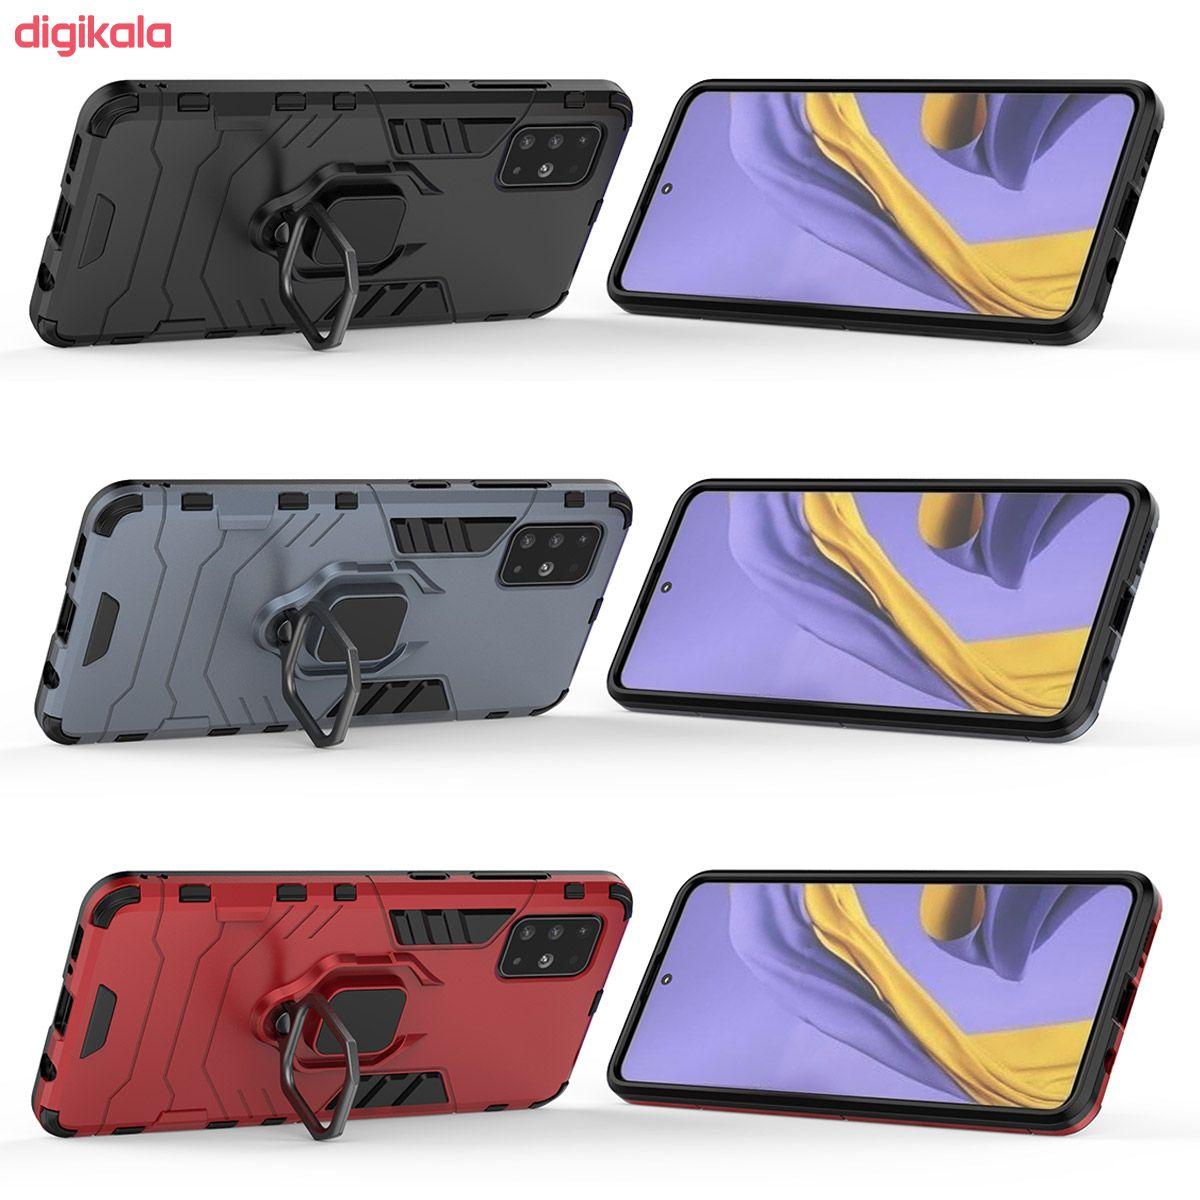 کاور سامورایی مدل ARC-2020 مناسب برای گوشی موبایل سامسونگ Galaxy A71 main 1 22